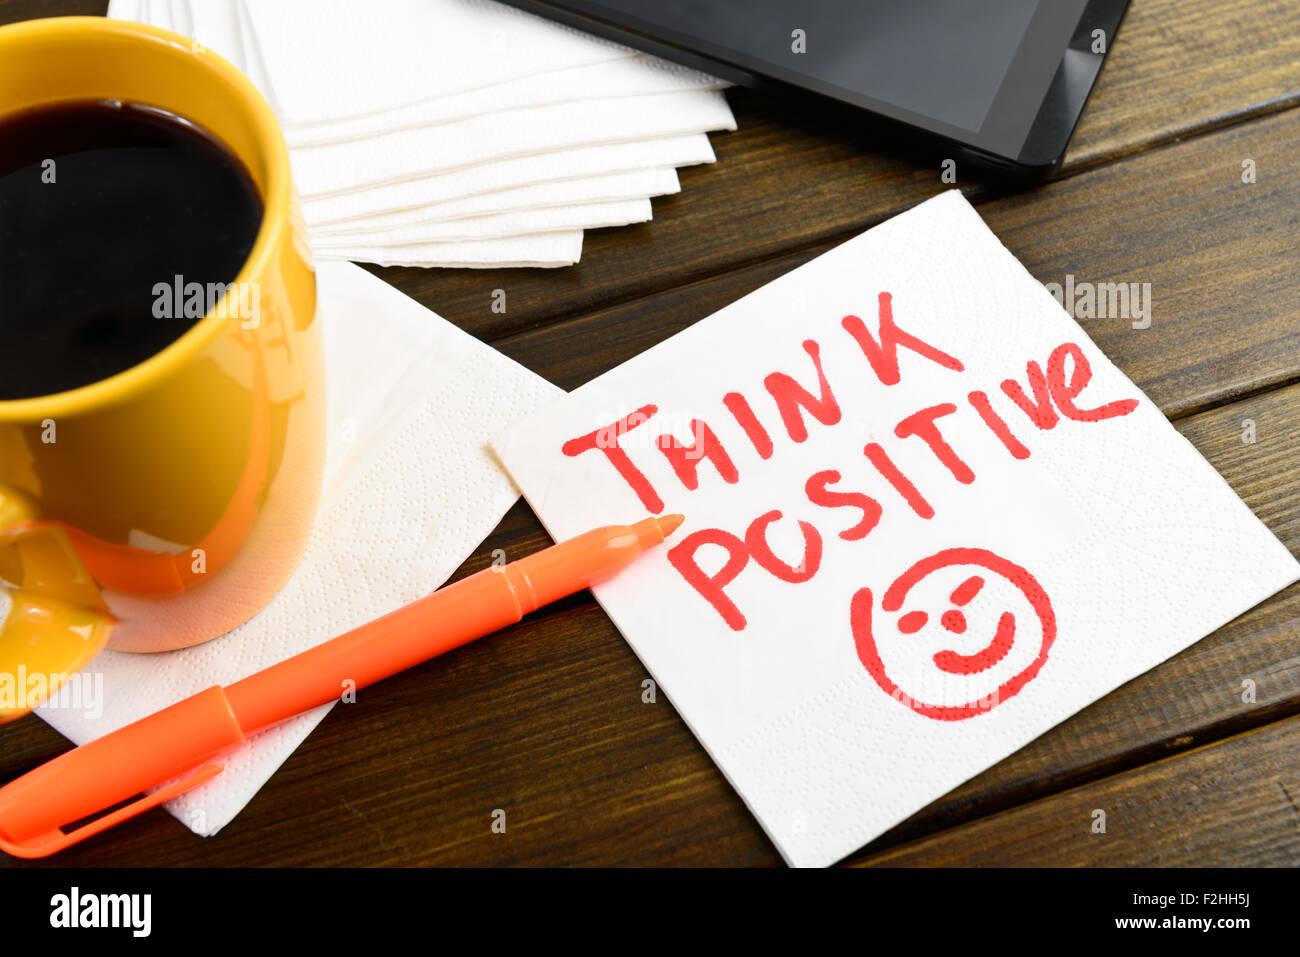 Pensez positif écrit sur une serviette blanche autour du café stylo et téléphone sur table en Photo Stock